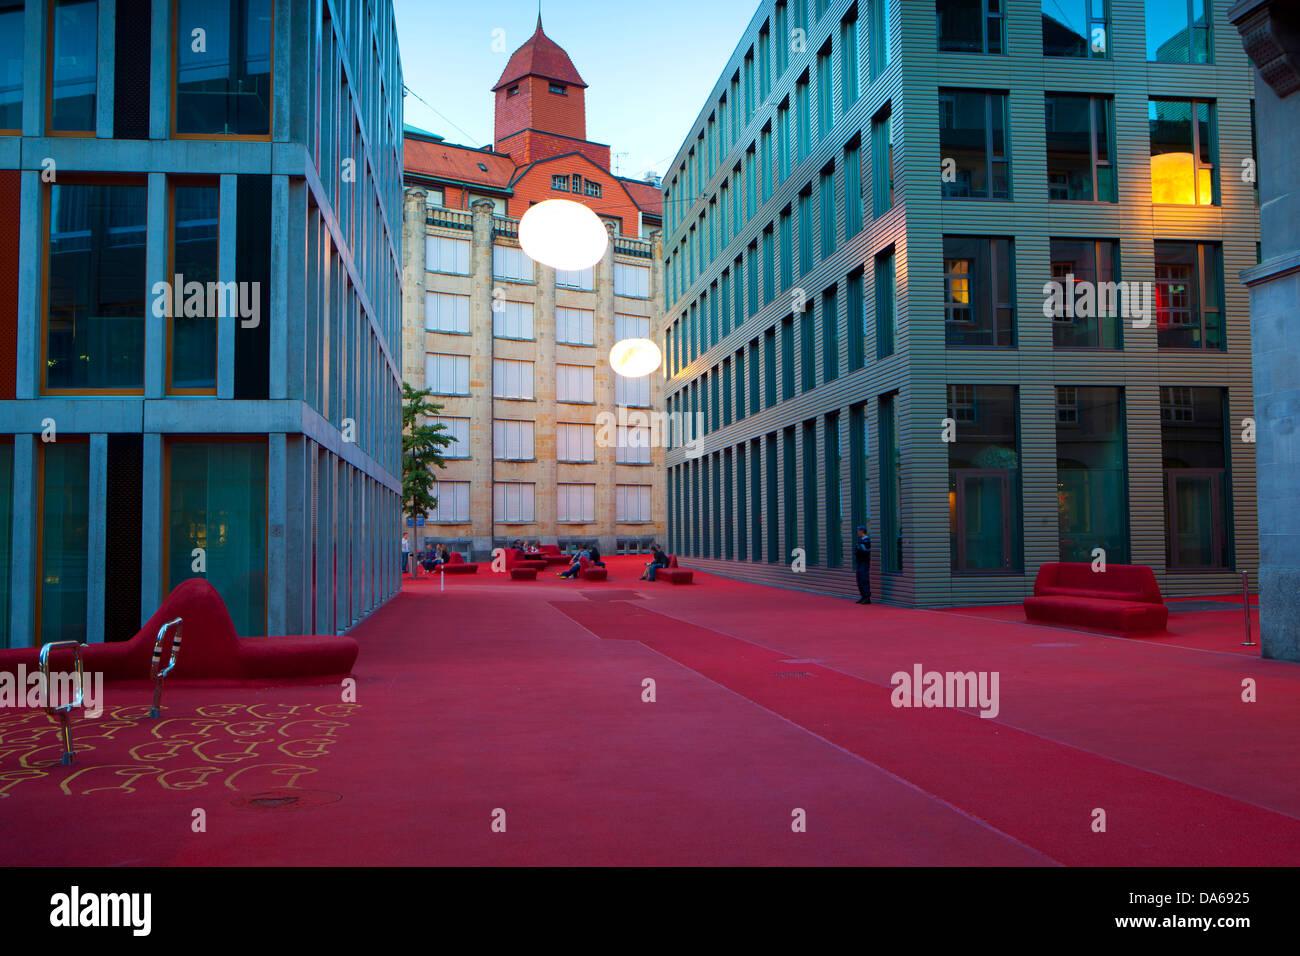 Saint-gall, Saint-Gall, Suisse, salon de la ville, l'Europe, canton, ville, ville, au crépuscule, l'éclairage, Photo Stock